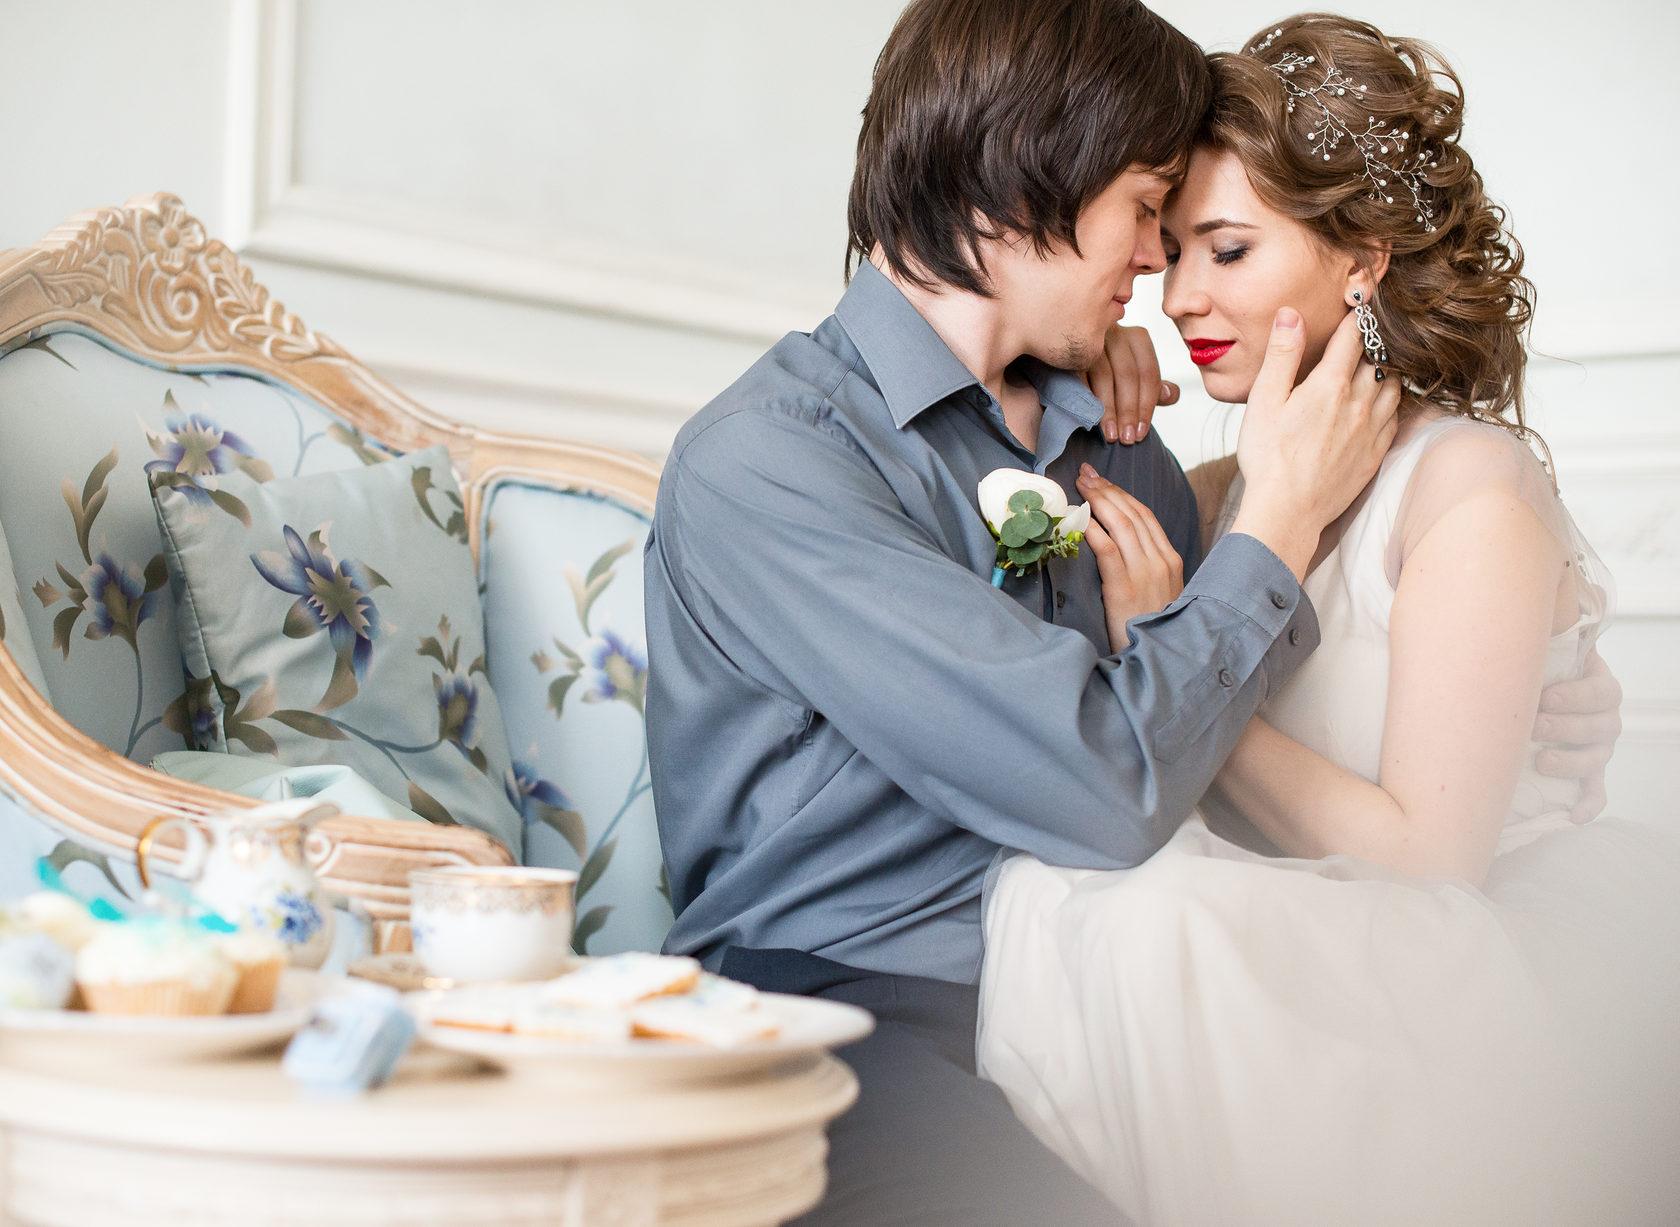 Услуга семейным парам в петербурге, Проститутки для семейной пары, индивидуалки Питера 14 фотография